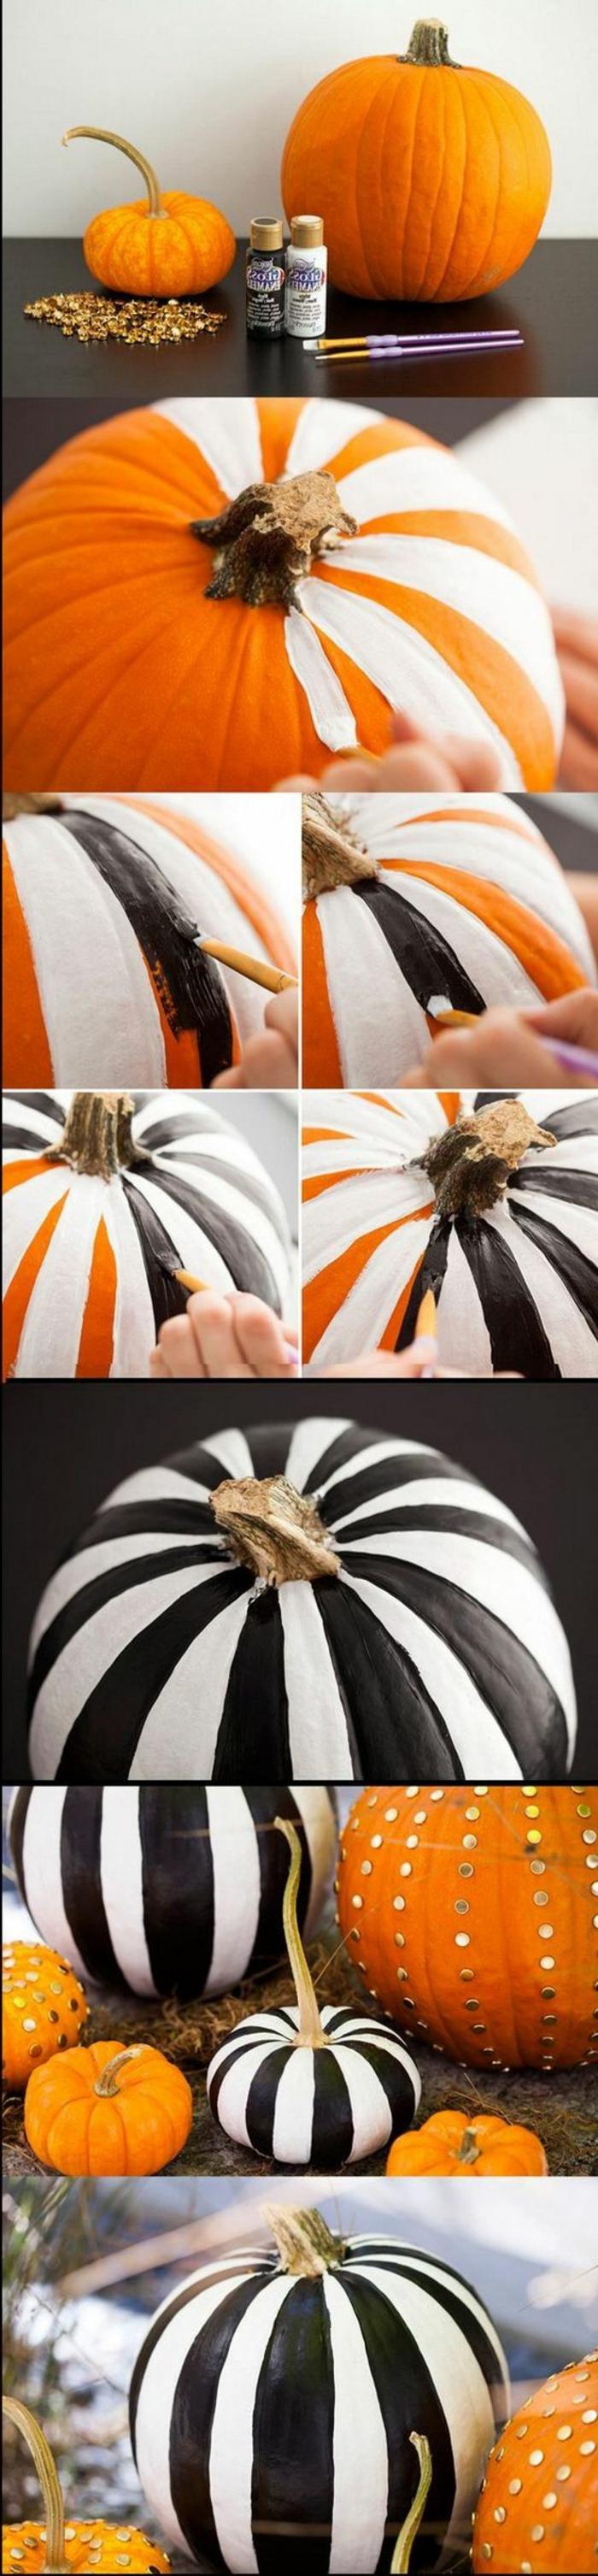 fotos de calabazas de Halloween, tutorial para decorar calabazas en blanco y negro